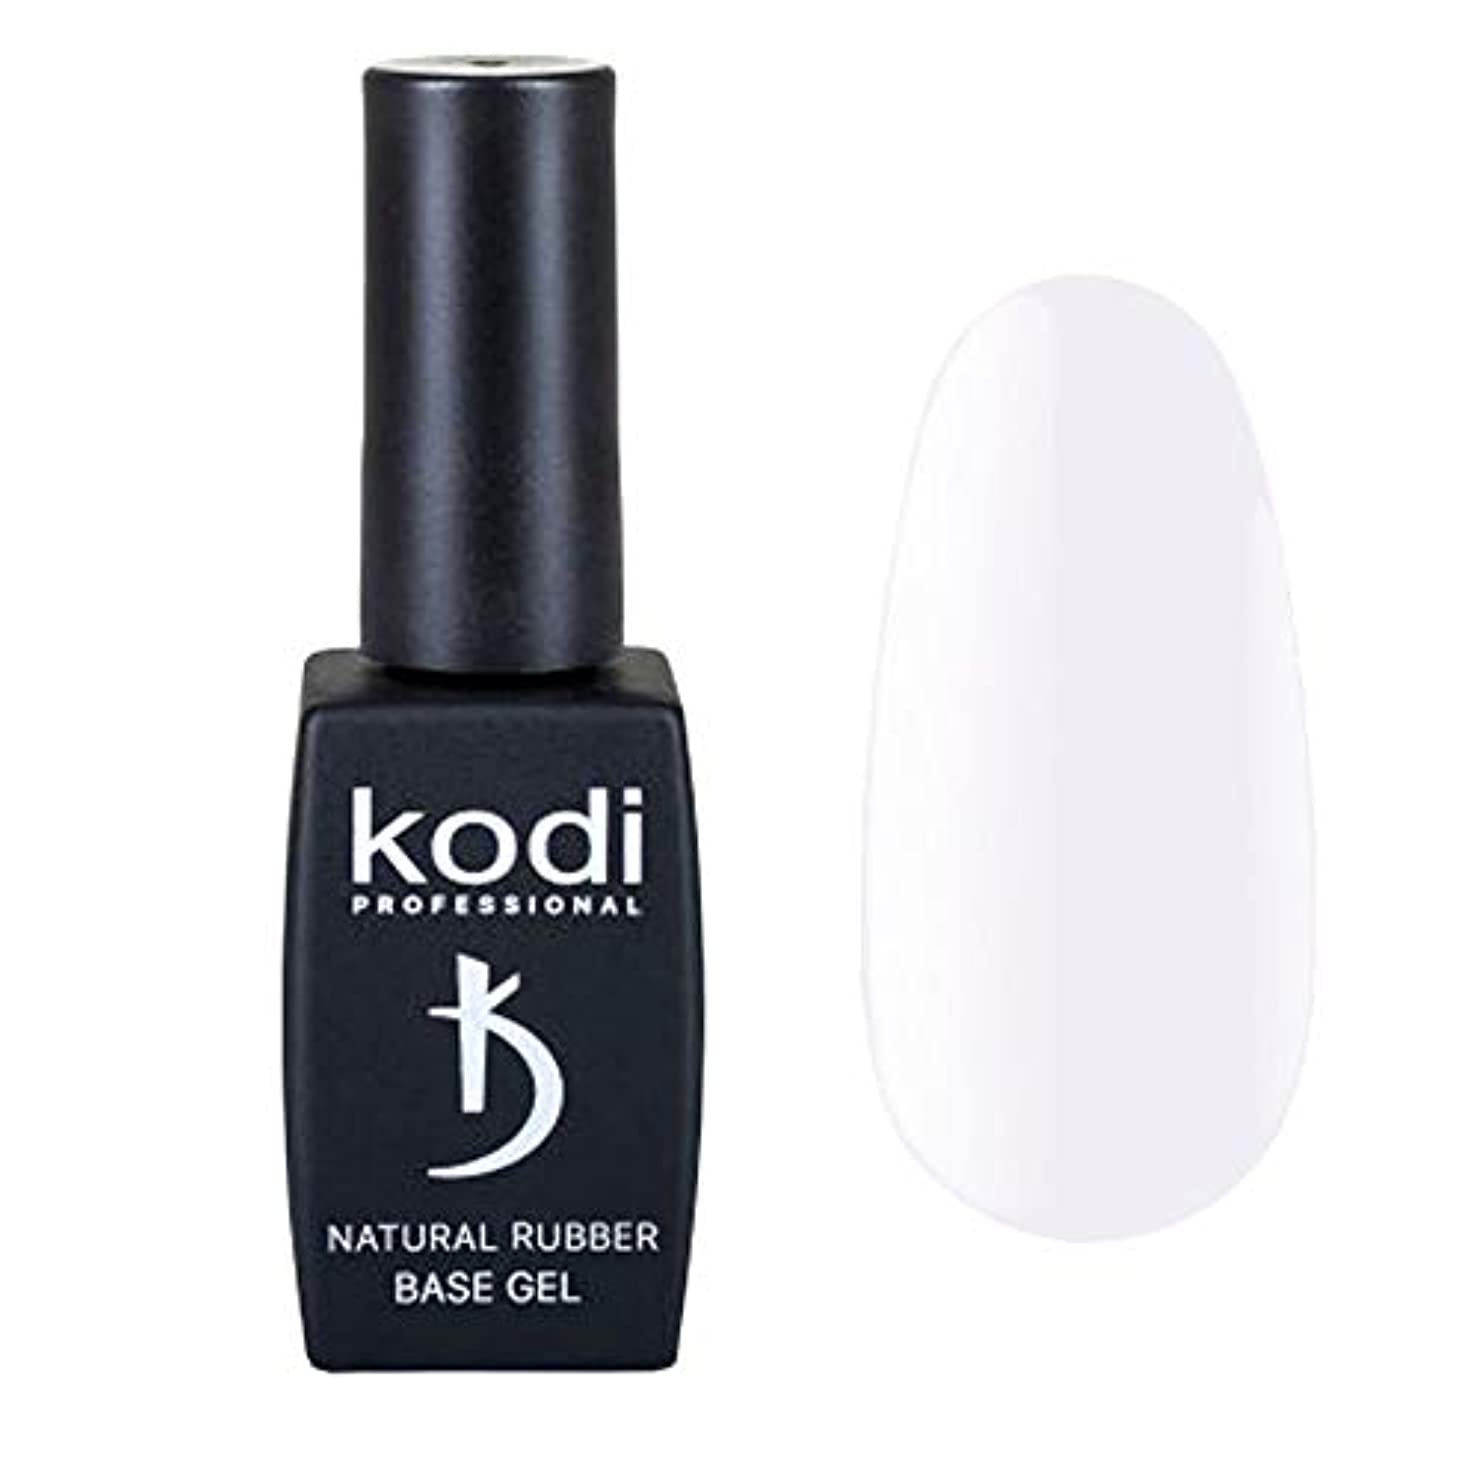 ヒール置換凝視Kodi Professional New Collection BW White #10 Color Gel Nail Polish 12ml 0.42 Fl Oz LED UV Genuine Soak Off